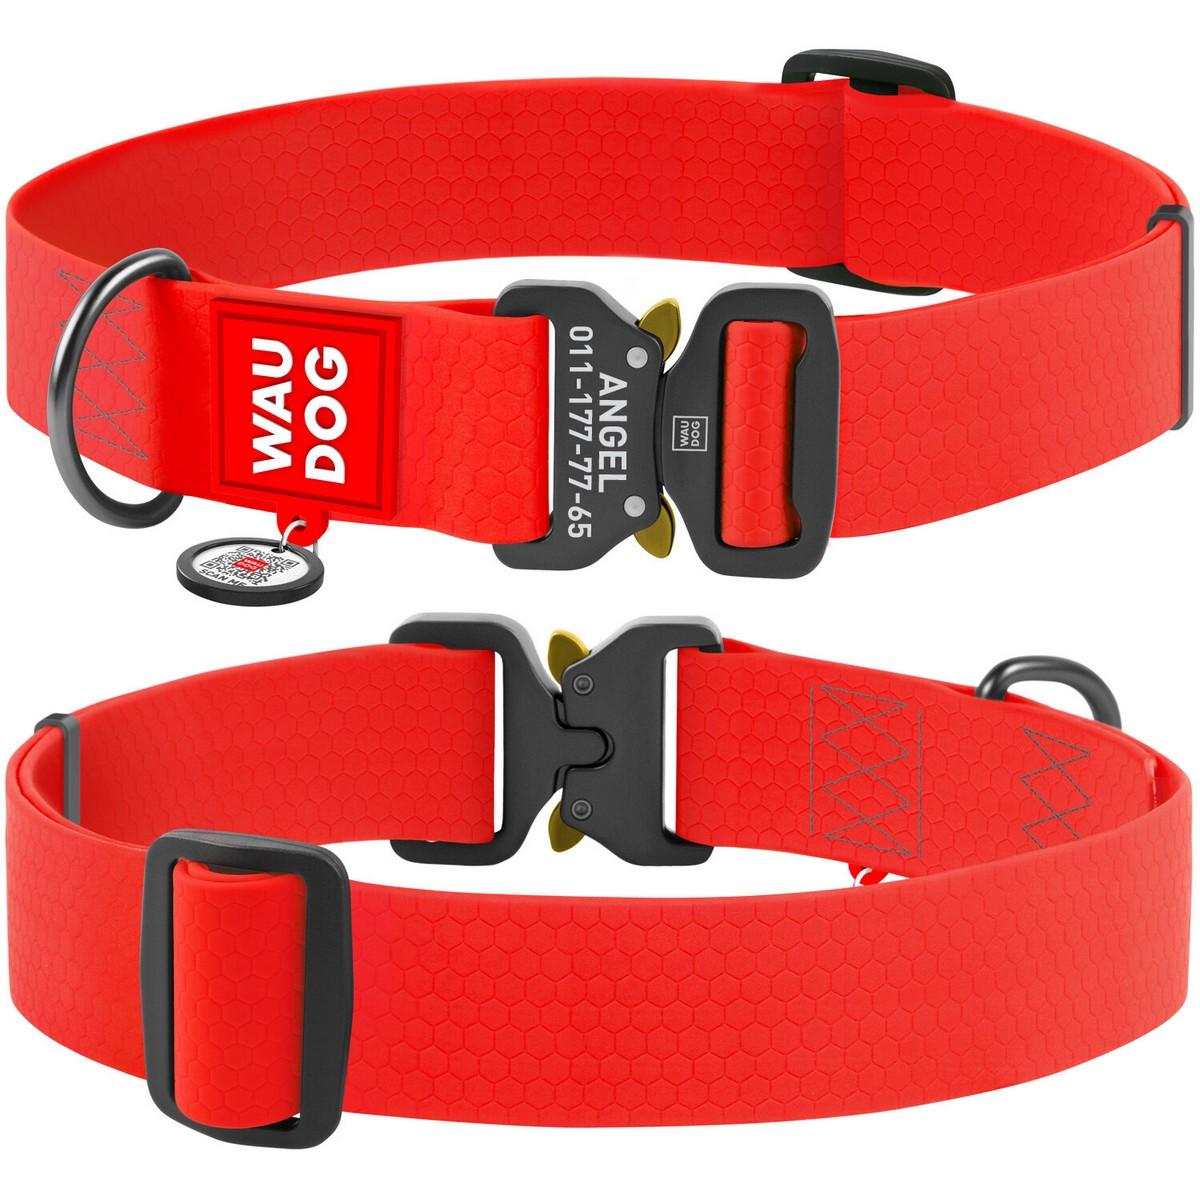 Нашийник для собак водостійкий WAUDOG Waterproof c QR паспортом, металева пряжка-фастекс, червоний XXL (ширина 40 мм, довжина 43-70см)